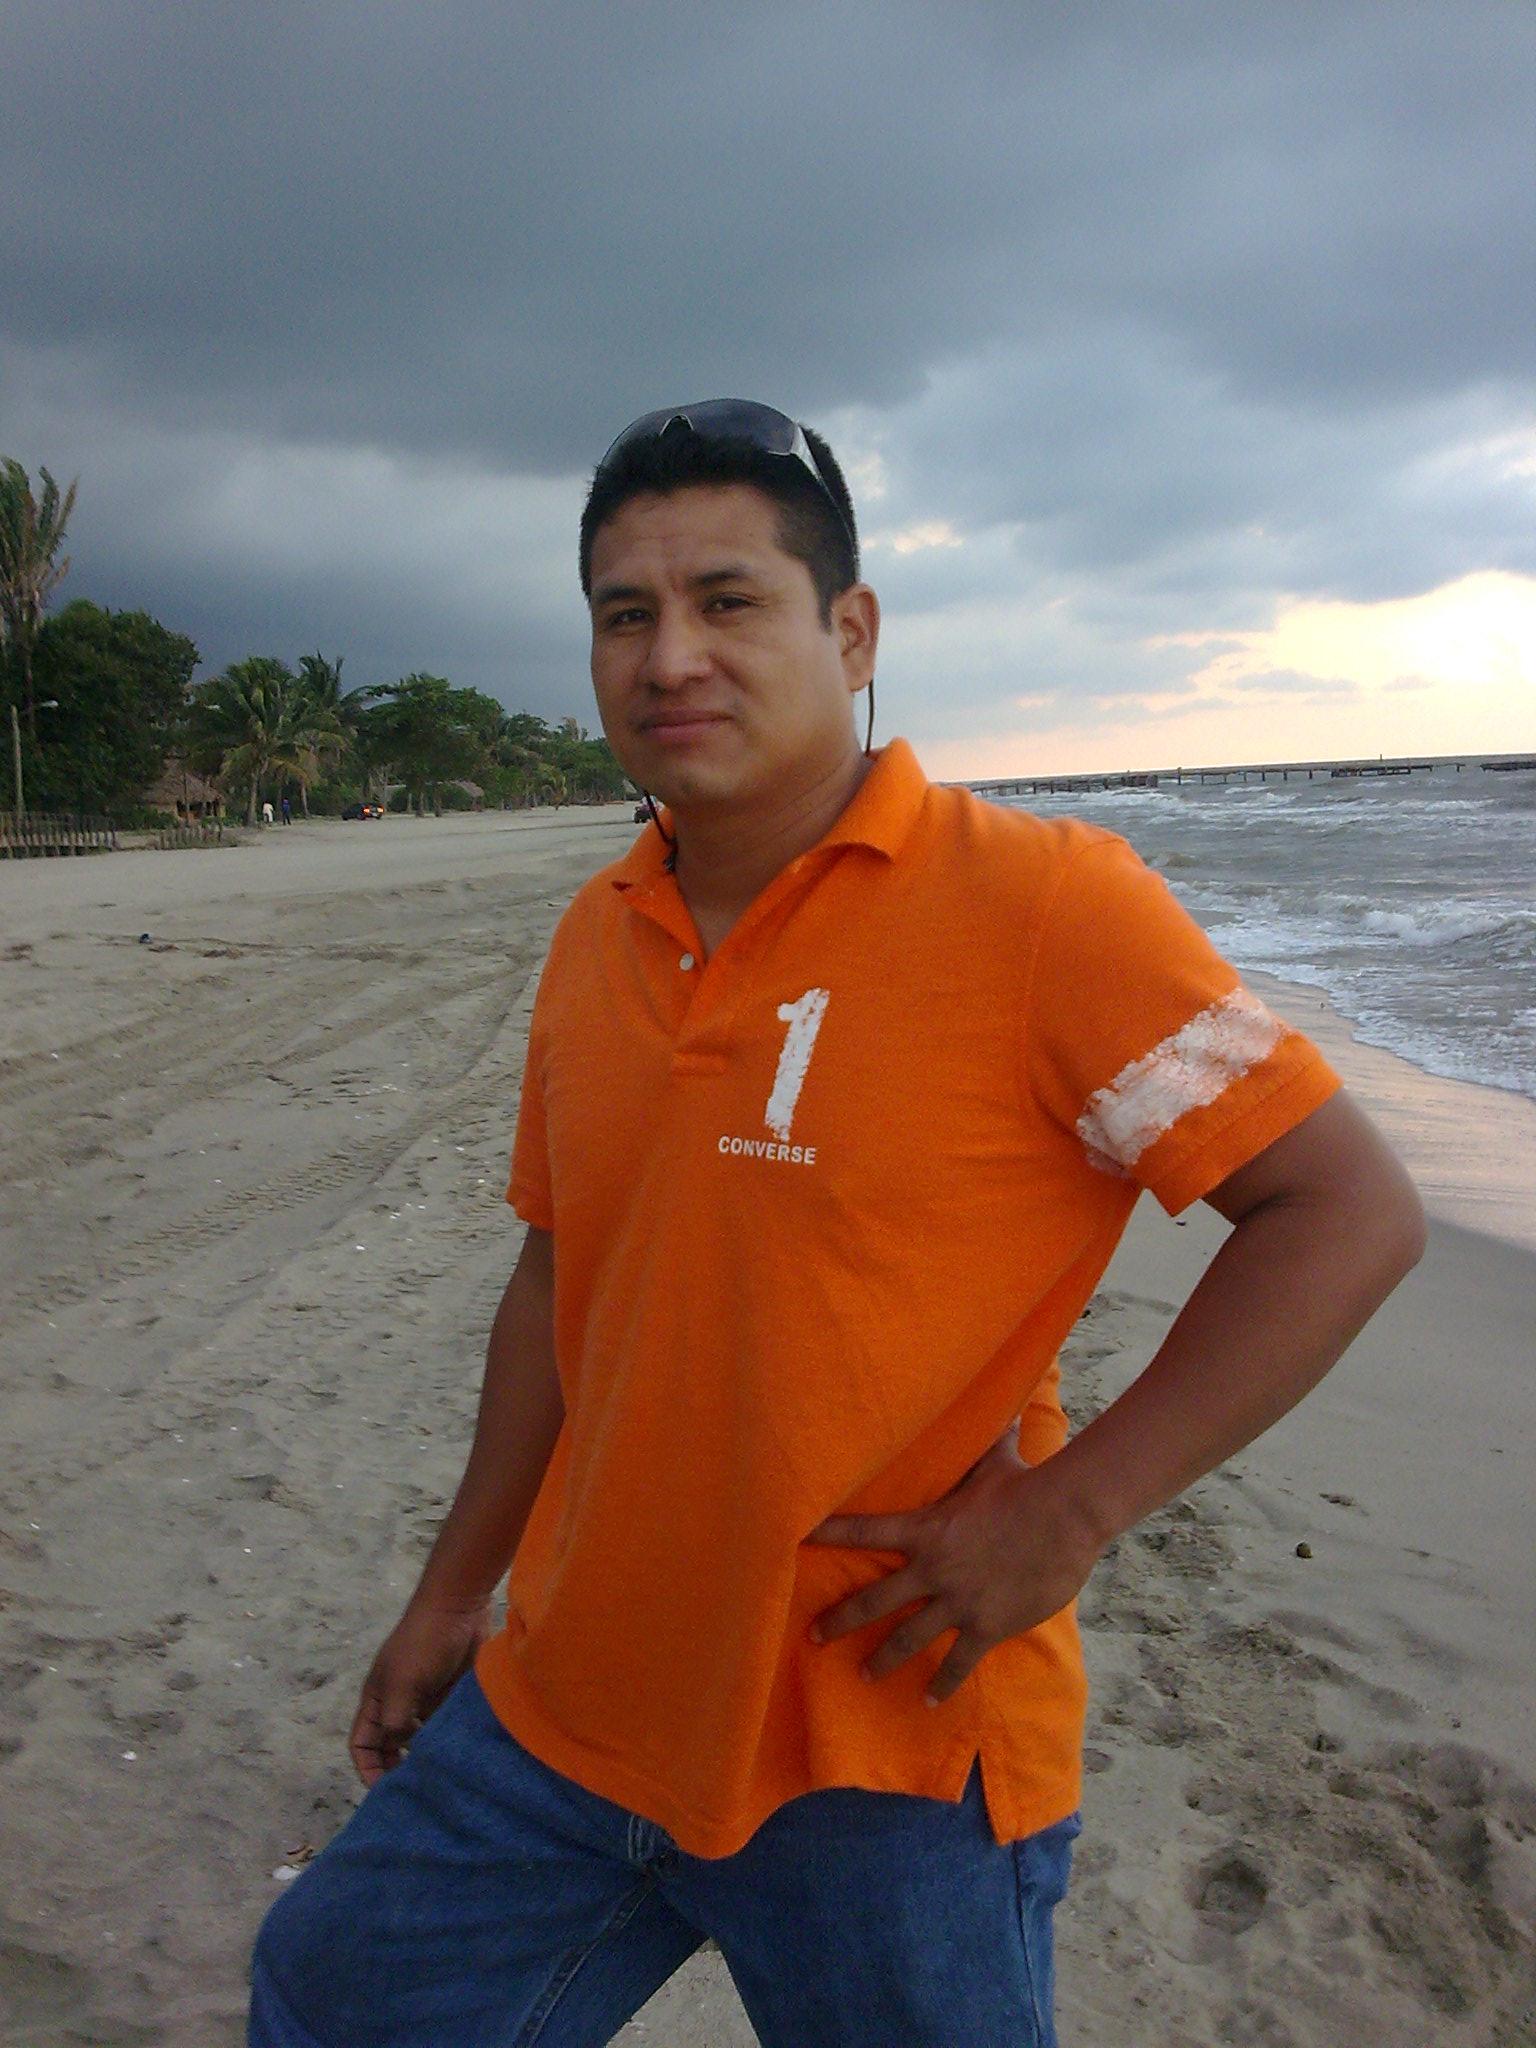 JOSE JONATHAN PEREZ MONTERROSO